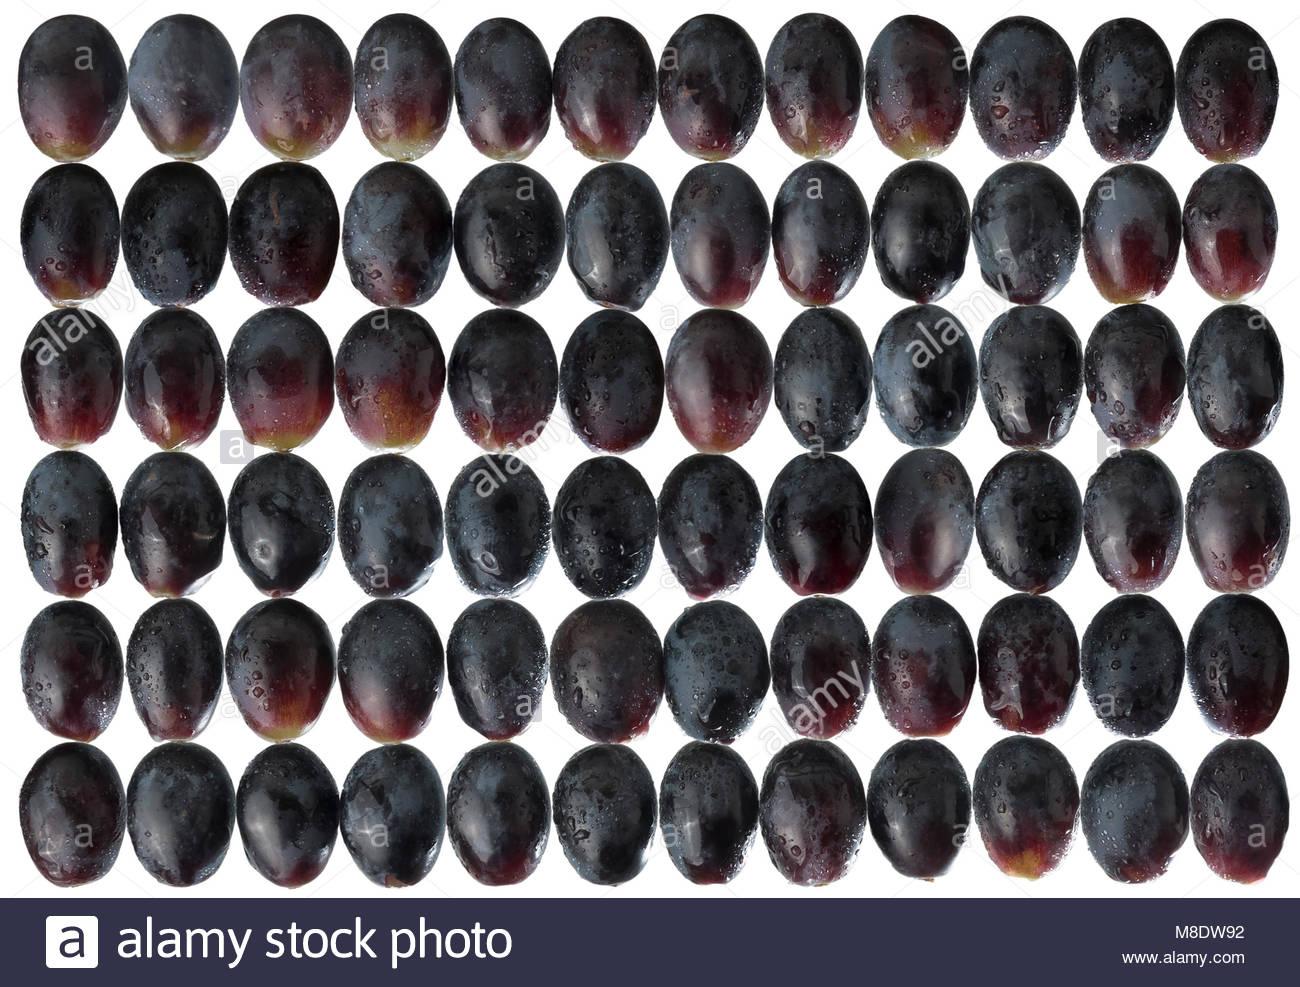 Uva nera in un disegno geometrico. Retroilluminati e di acqua spruzzata per un'immagine luminosa. Immagini Stock